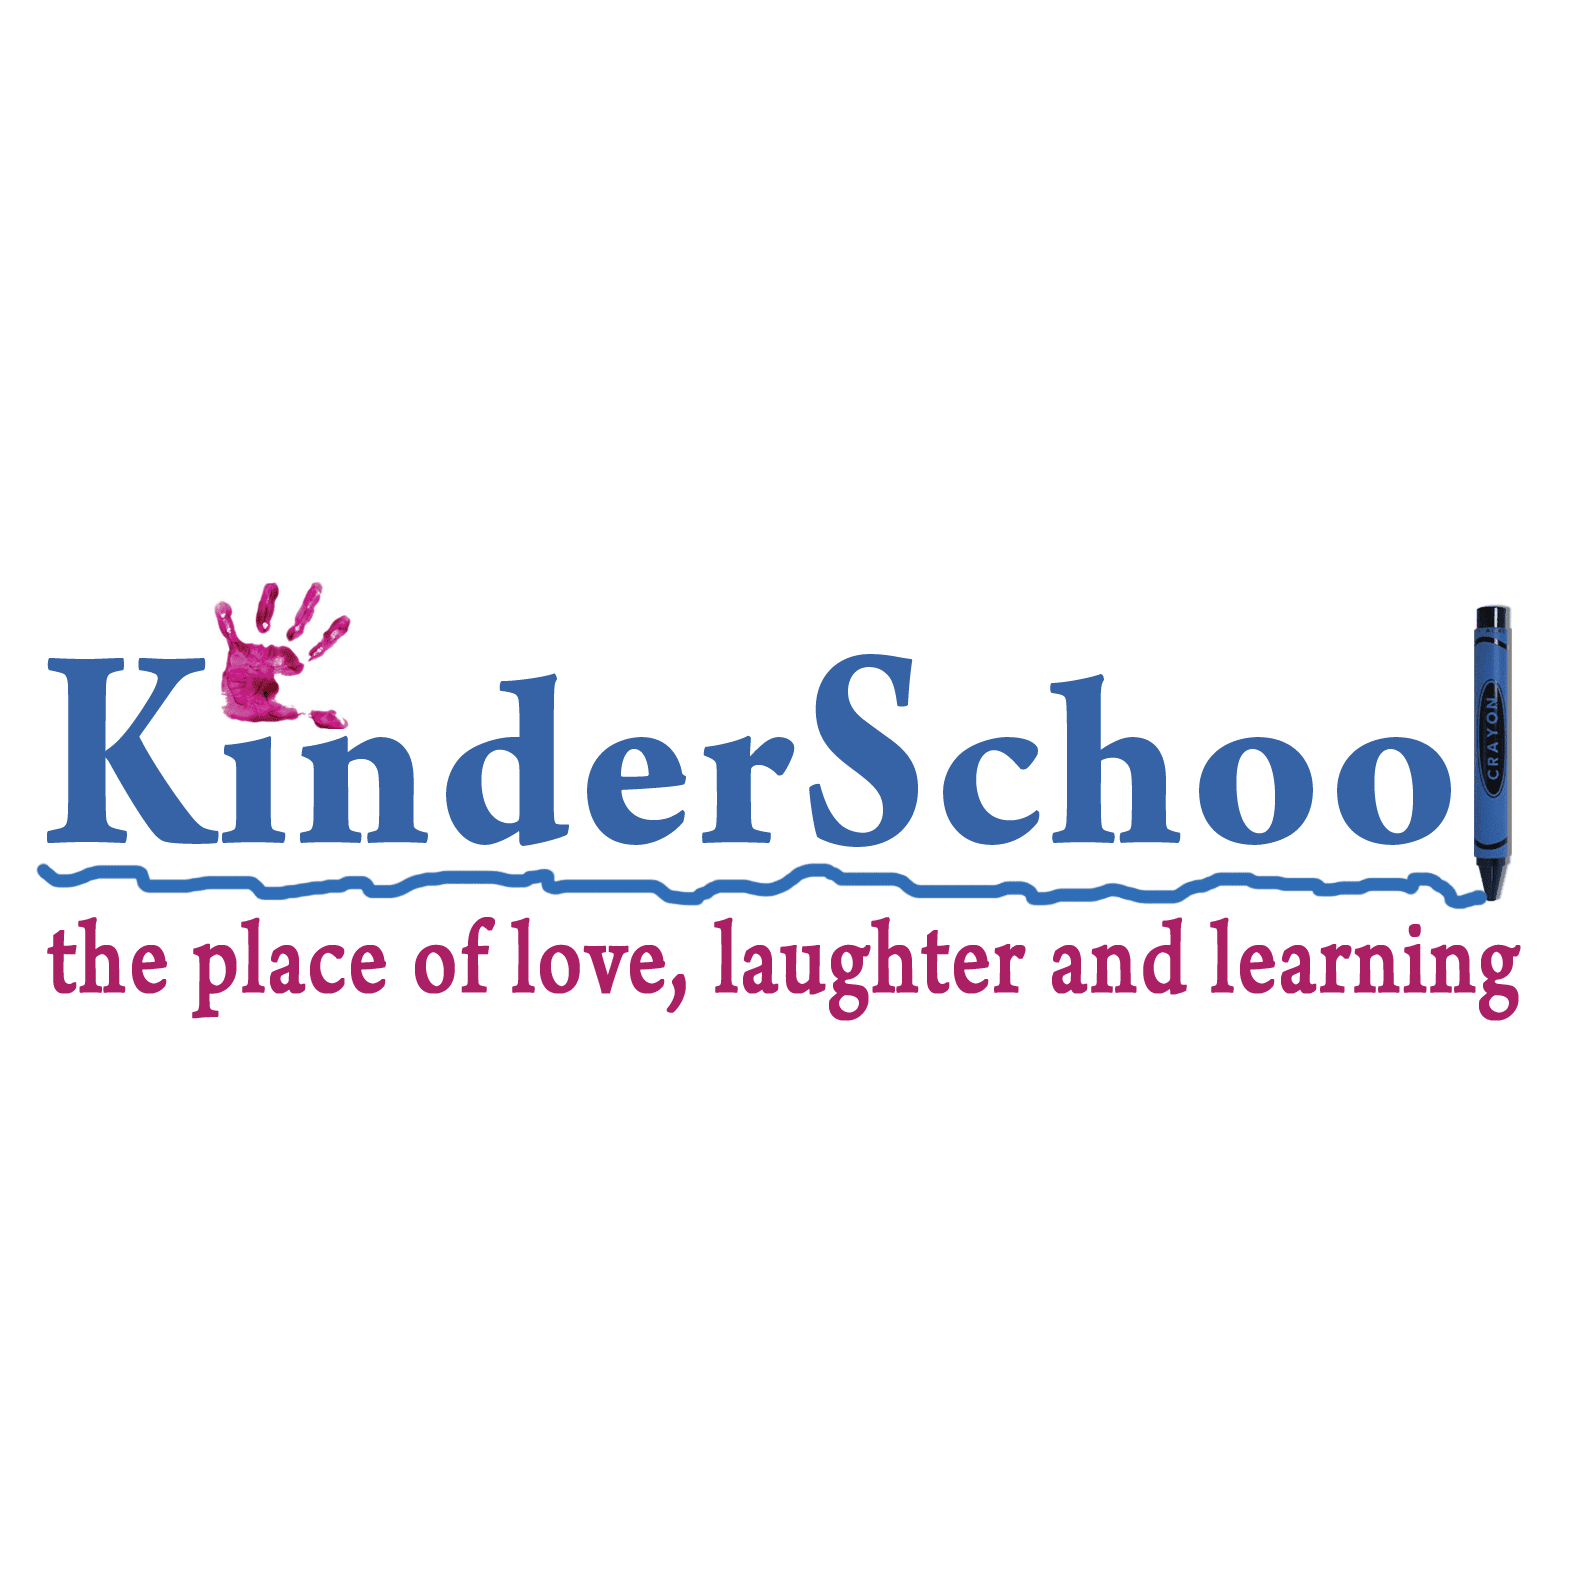 KinderSchool